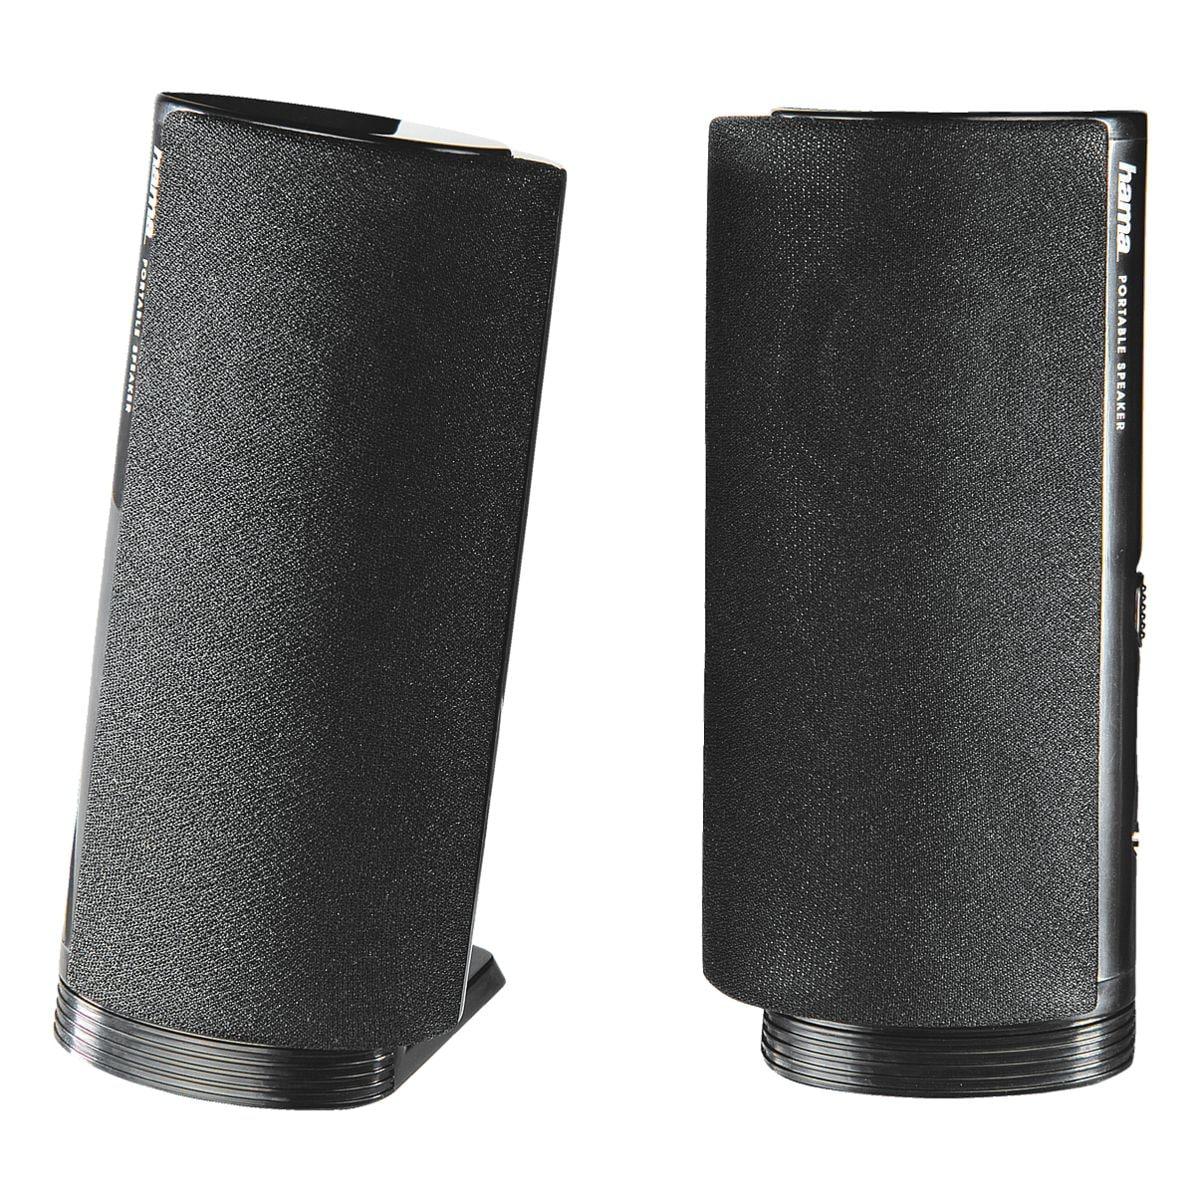 Hama PC-Lautsprecher »E 80«